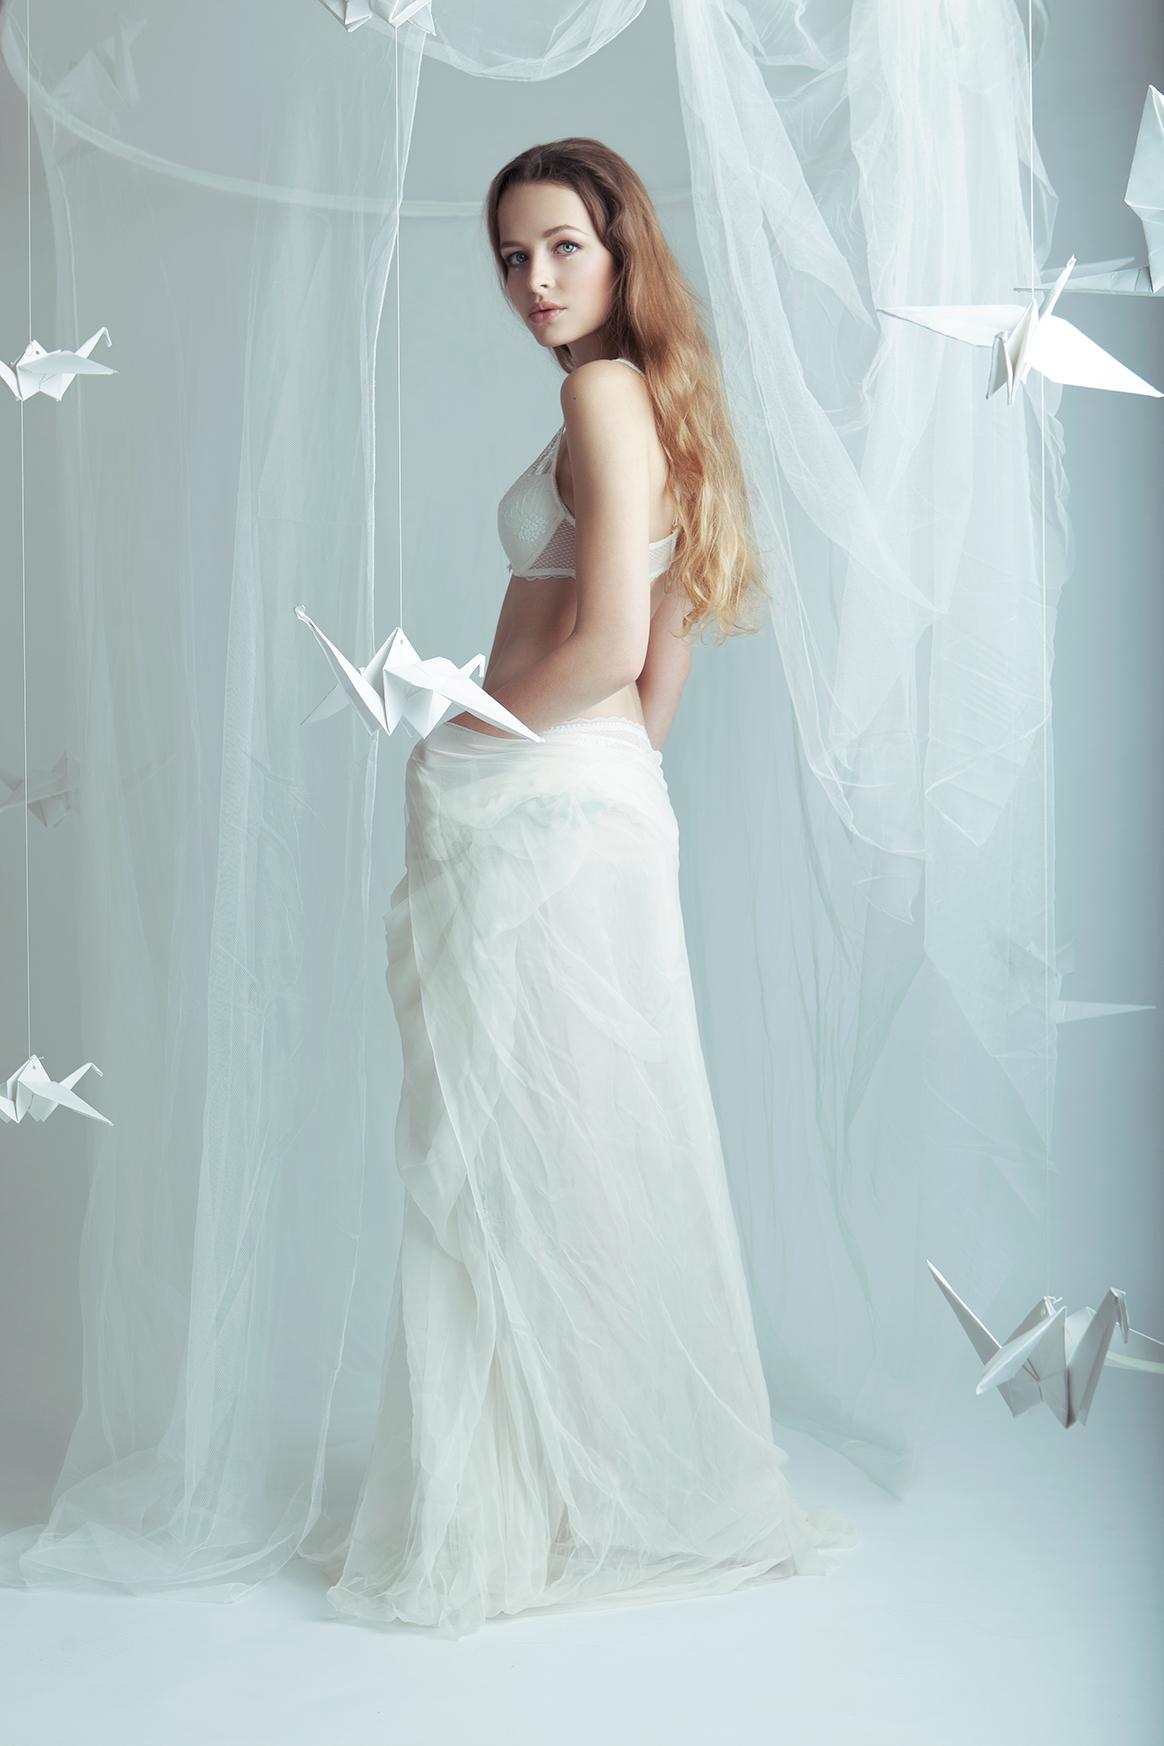 Streetglams: white lingerie magic for Chantelle